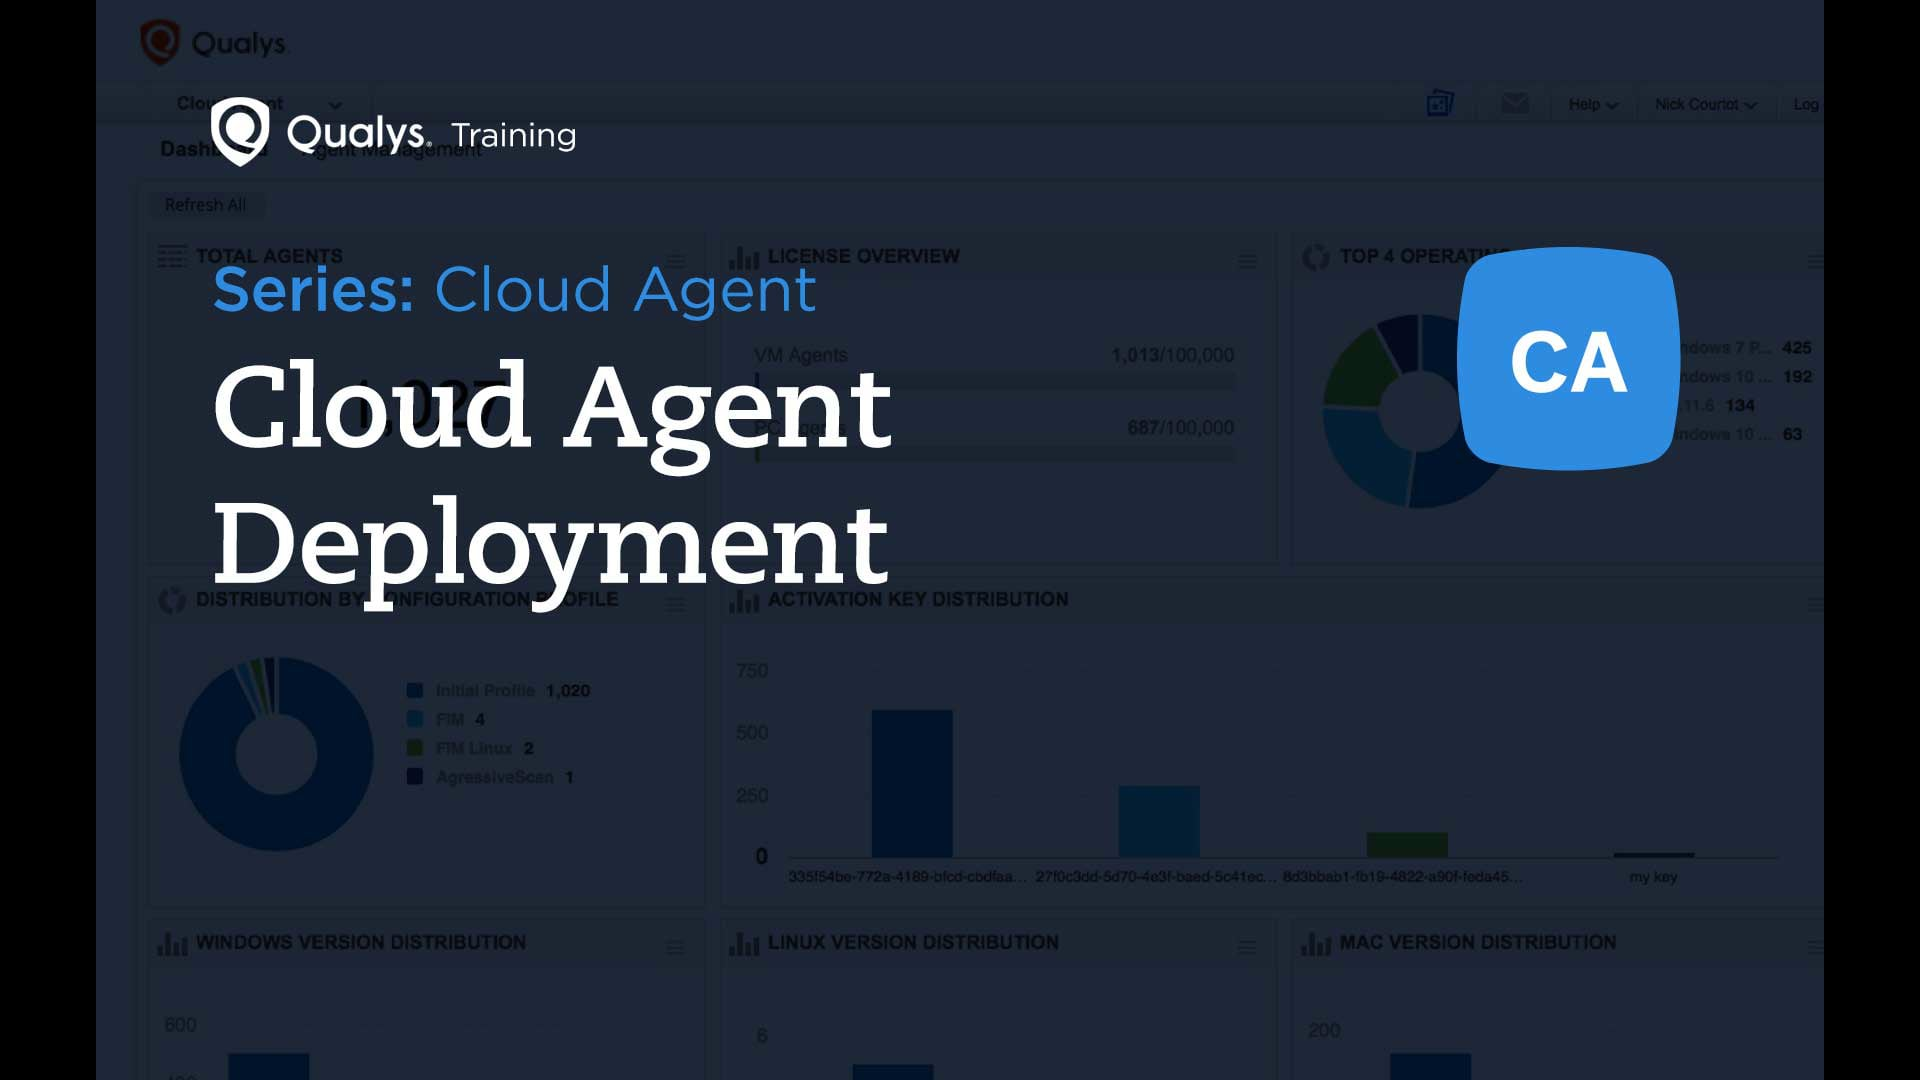 Cloud Agent Deployment